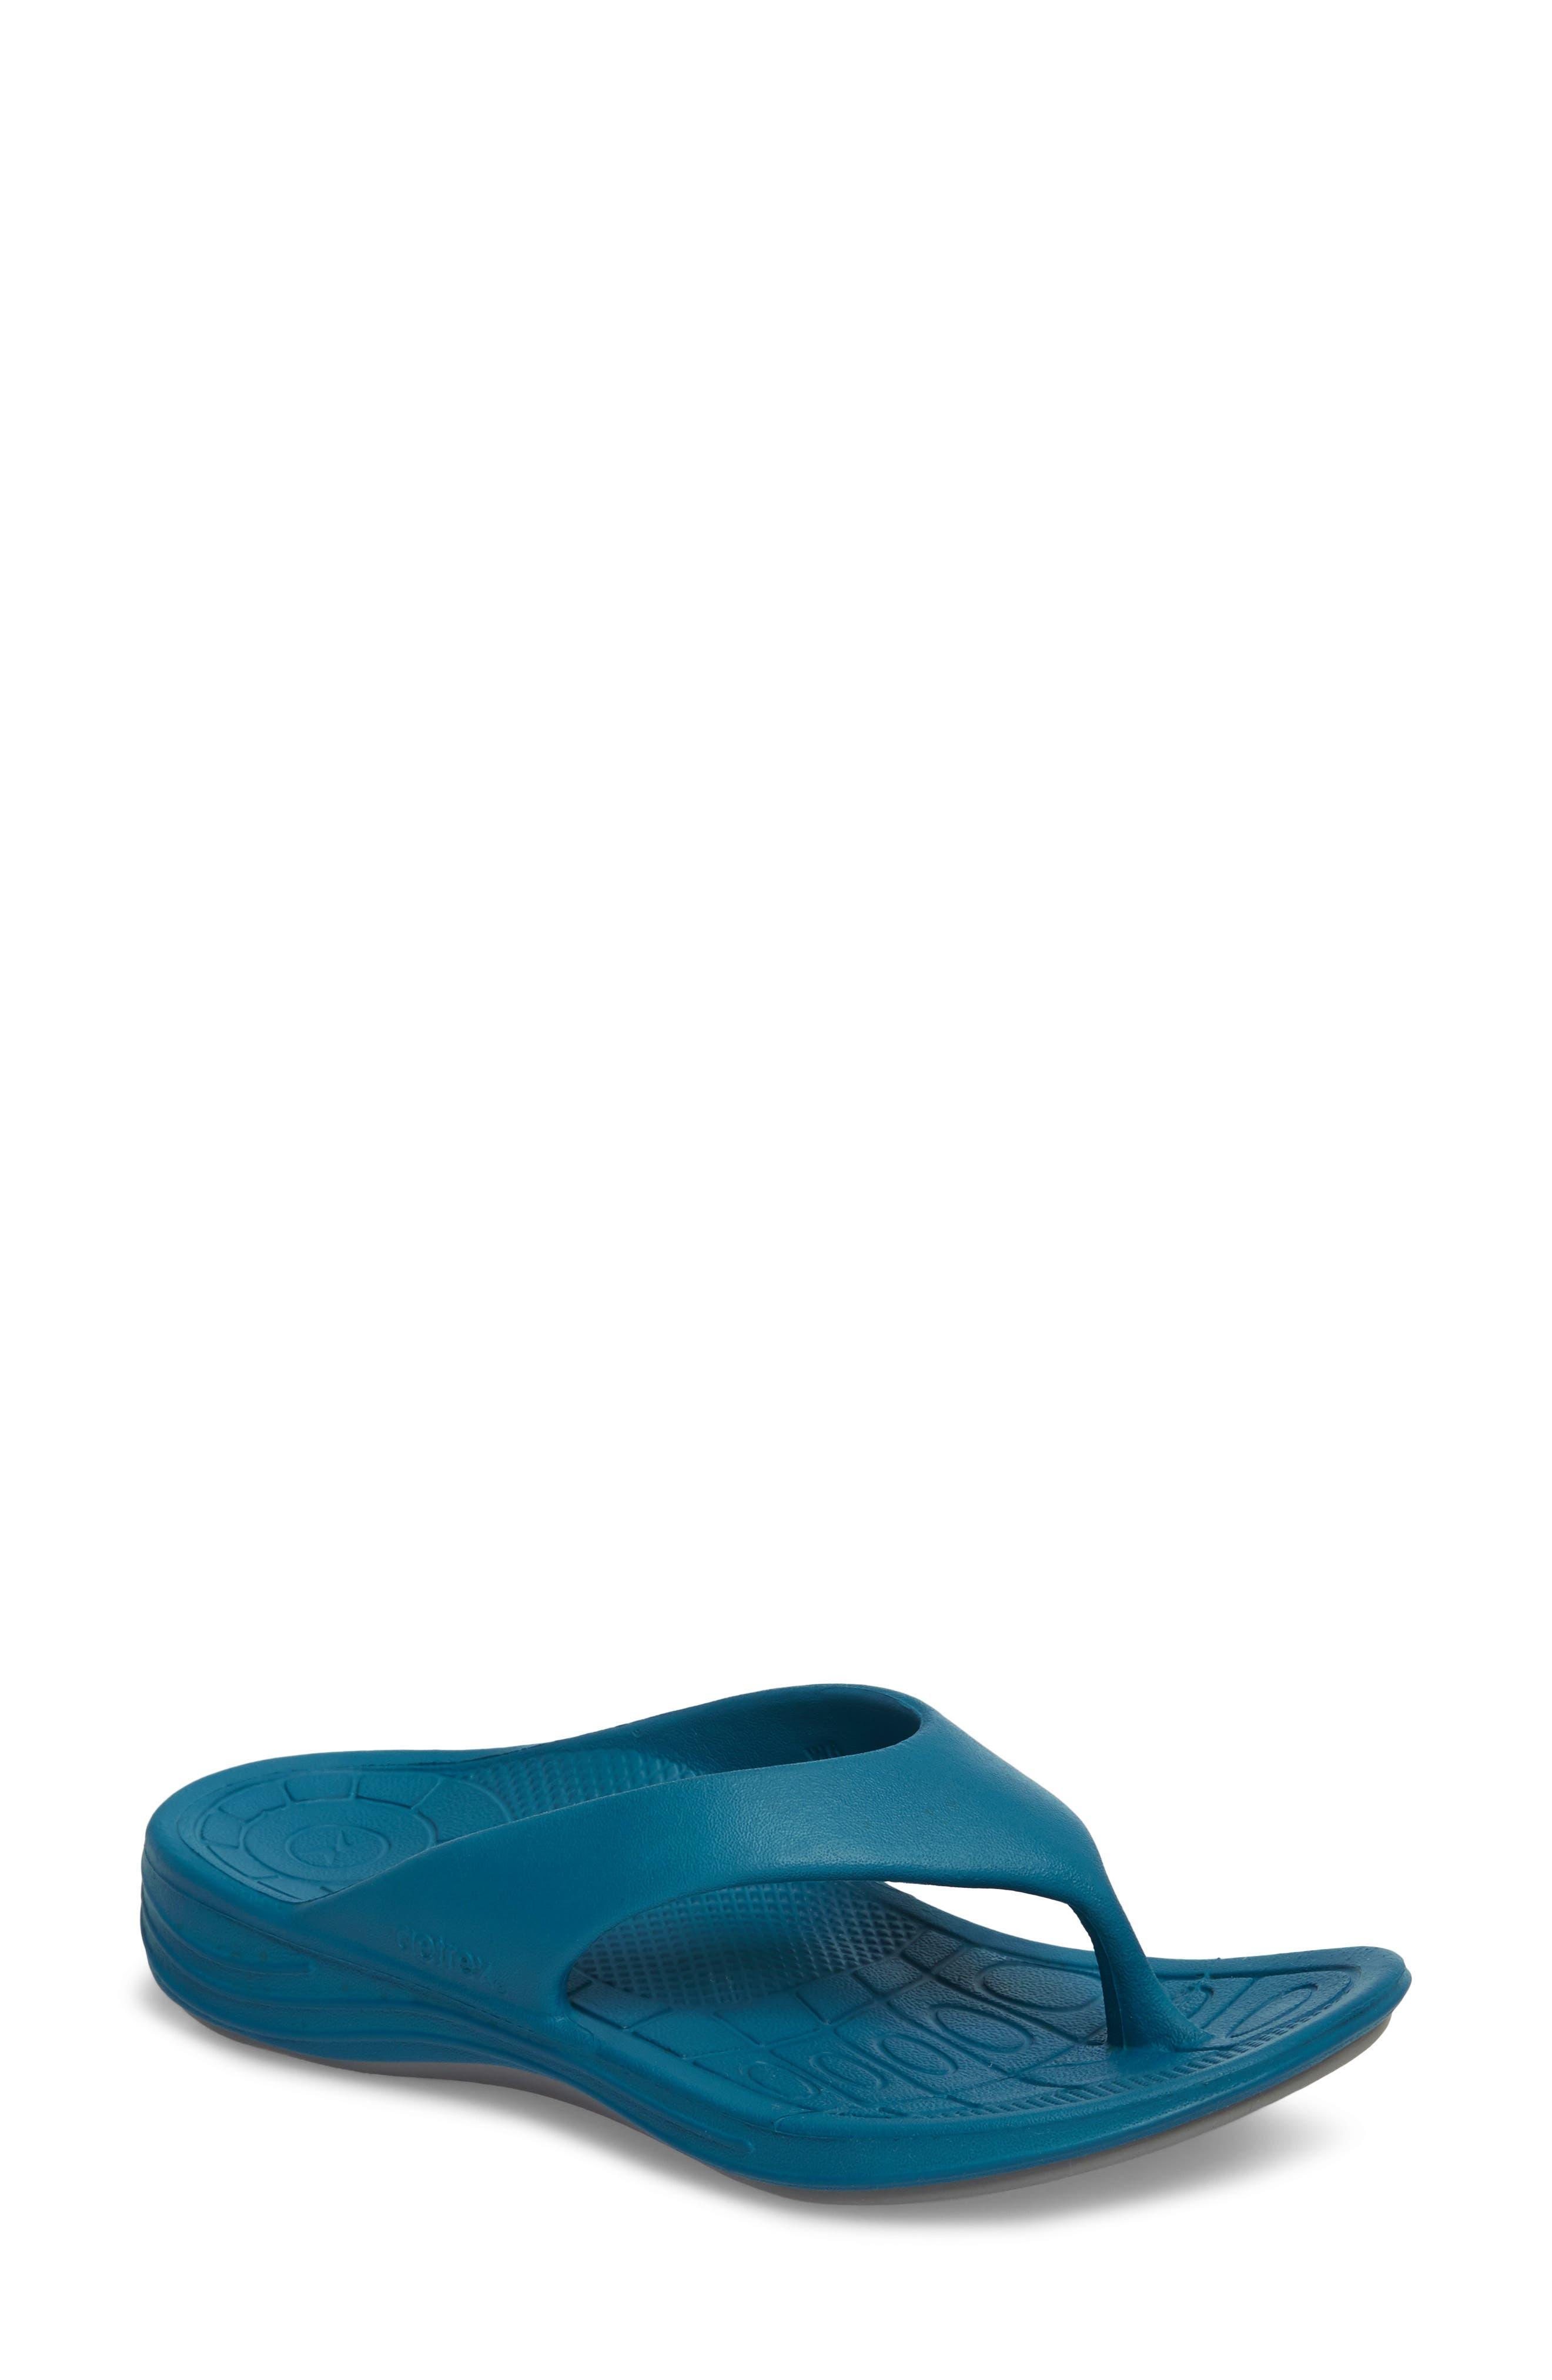 Lynco Flip Flop,                             Main thumbnail 1, color,                             Blue